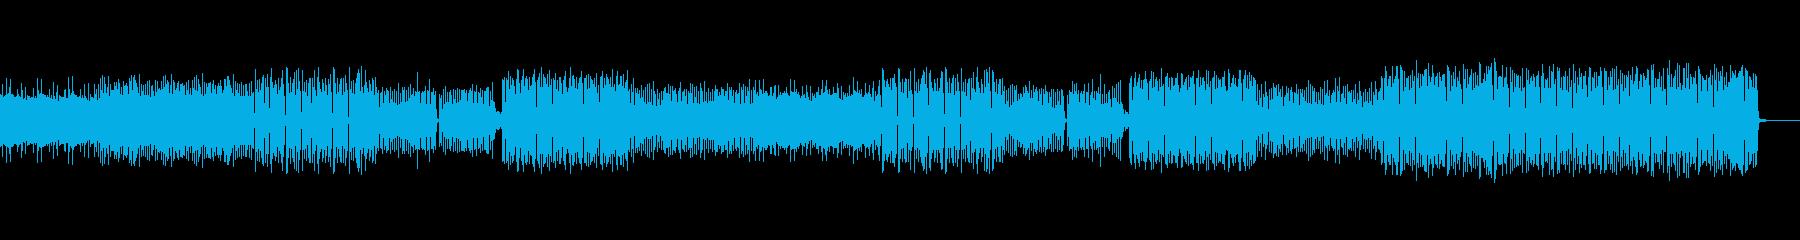 爽やかな広がりのあるアンビエントの再生済みの波形